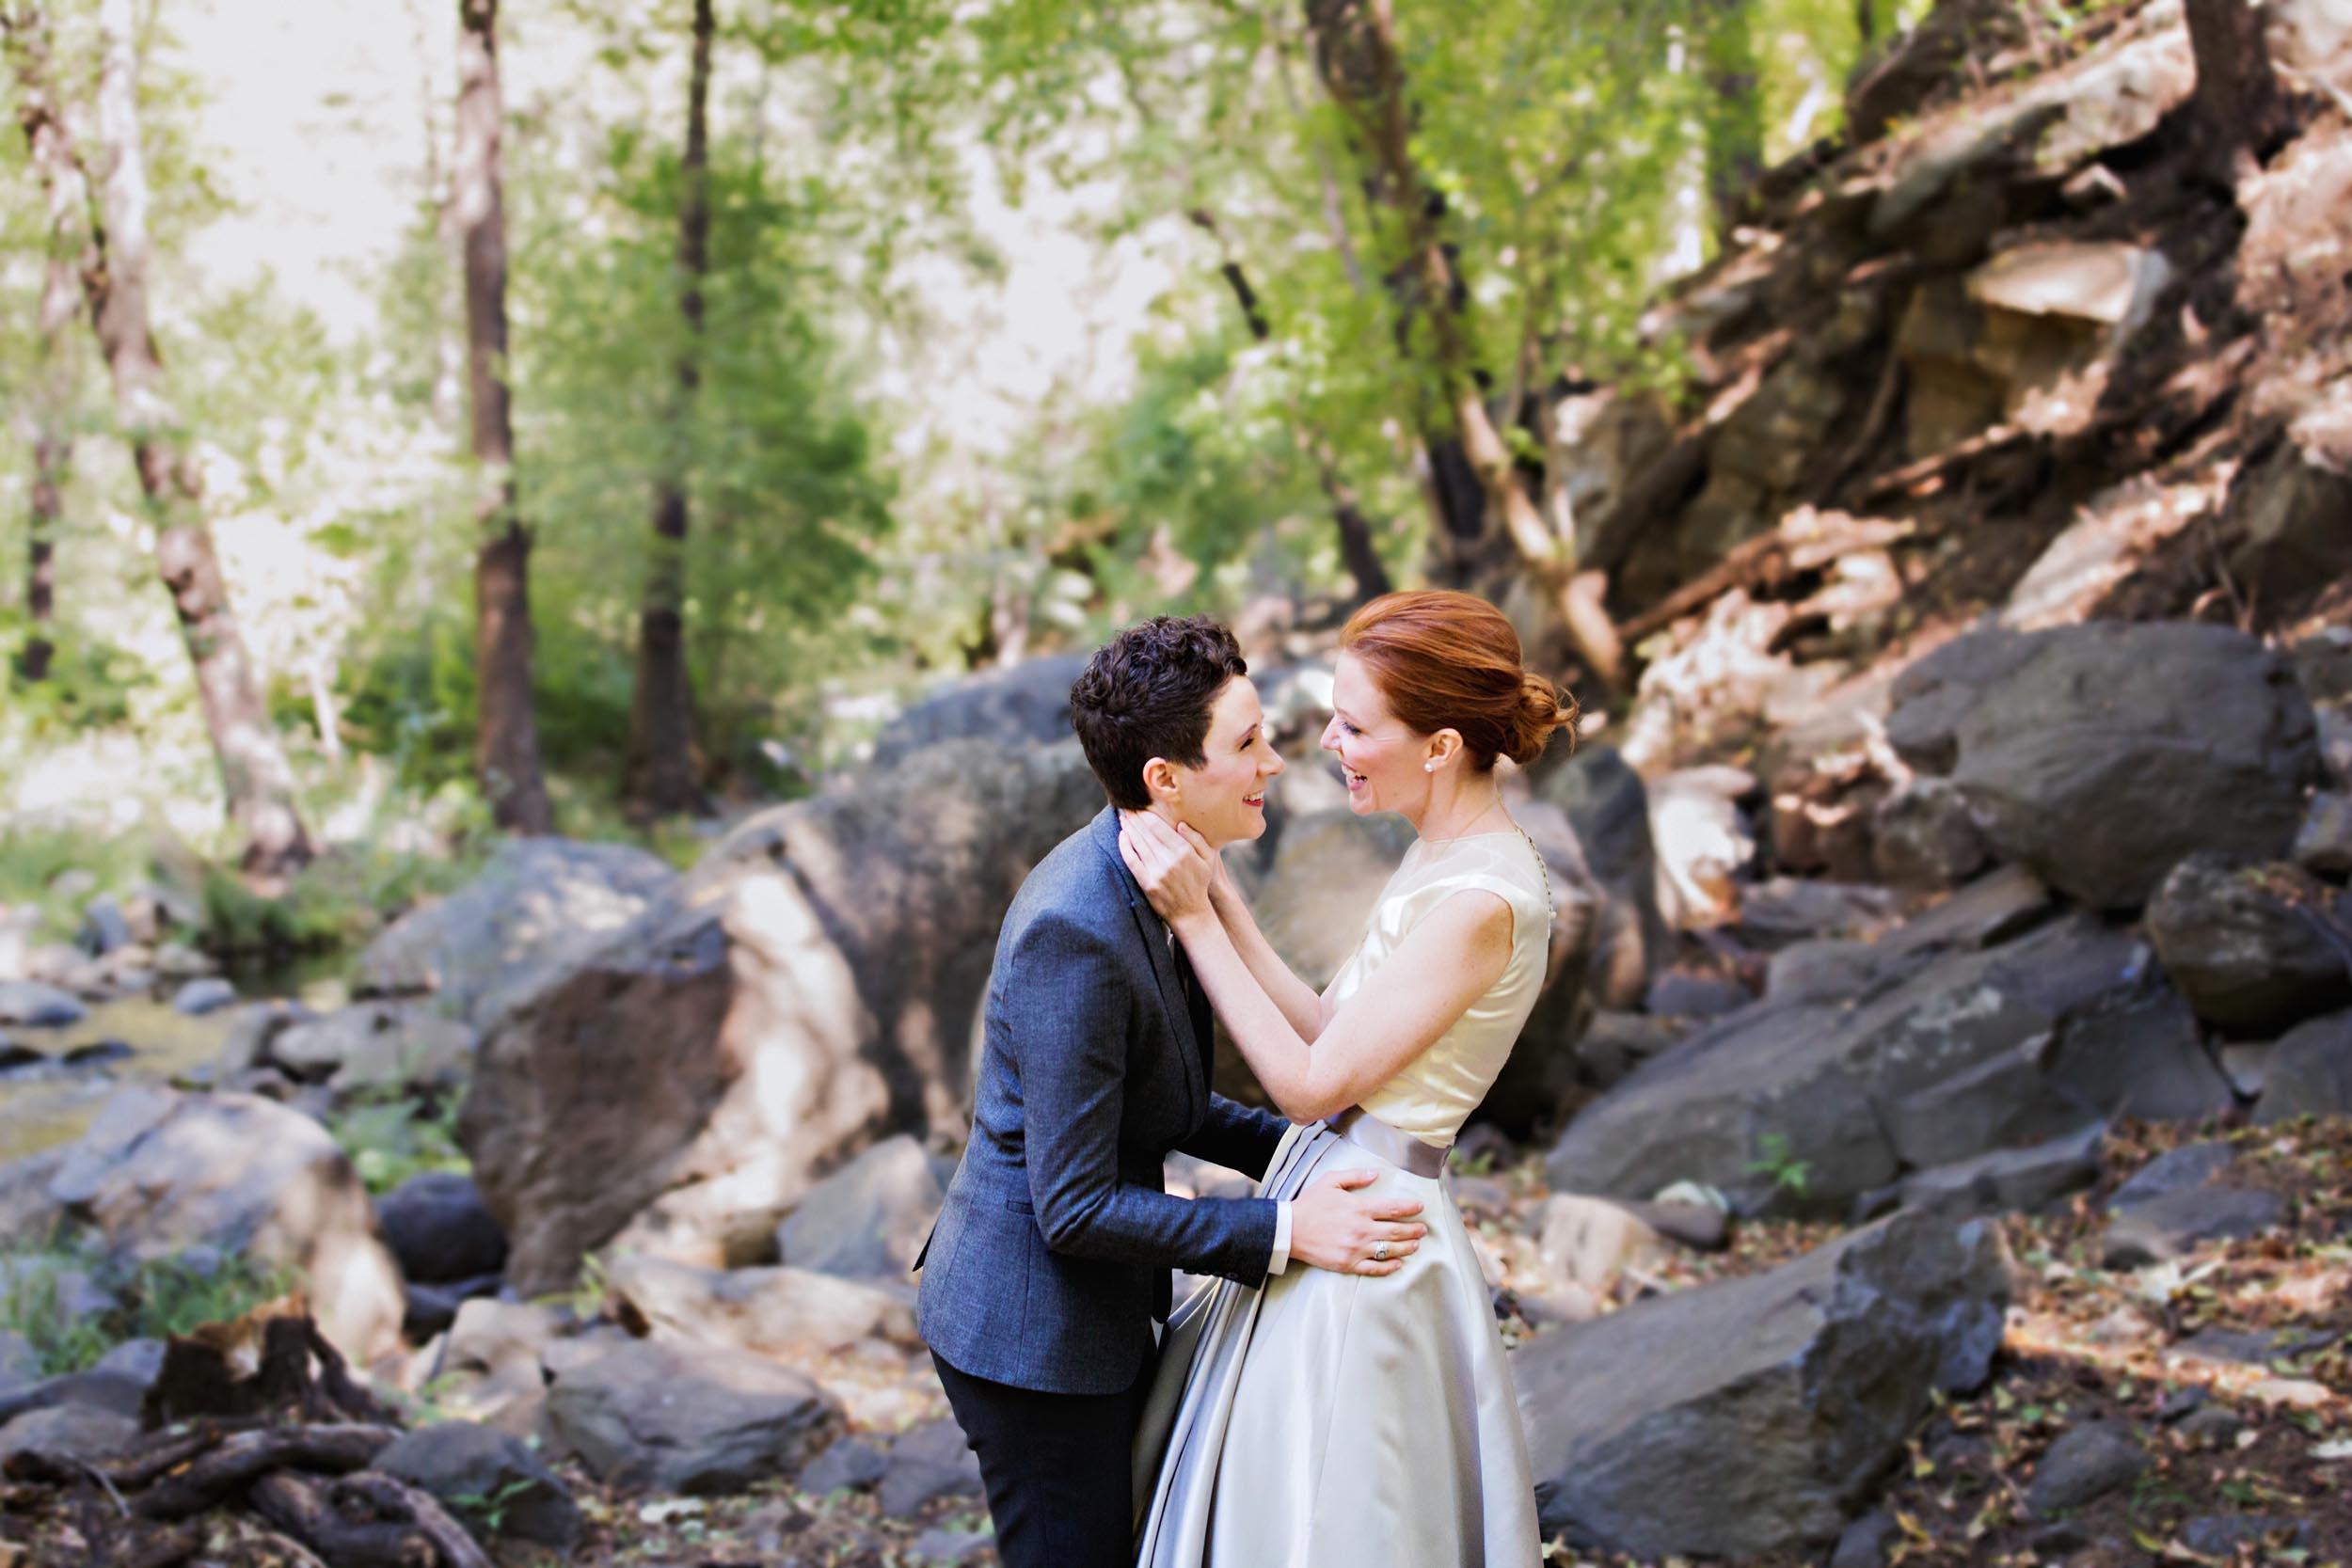 weddings-oakcreek-07.jpg